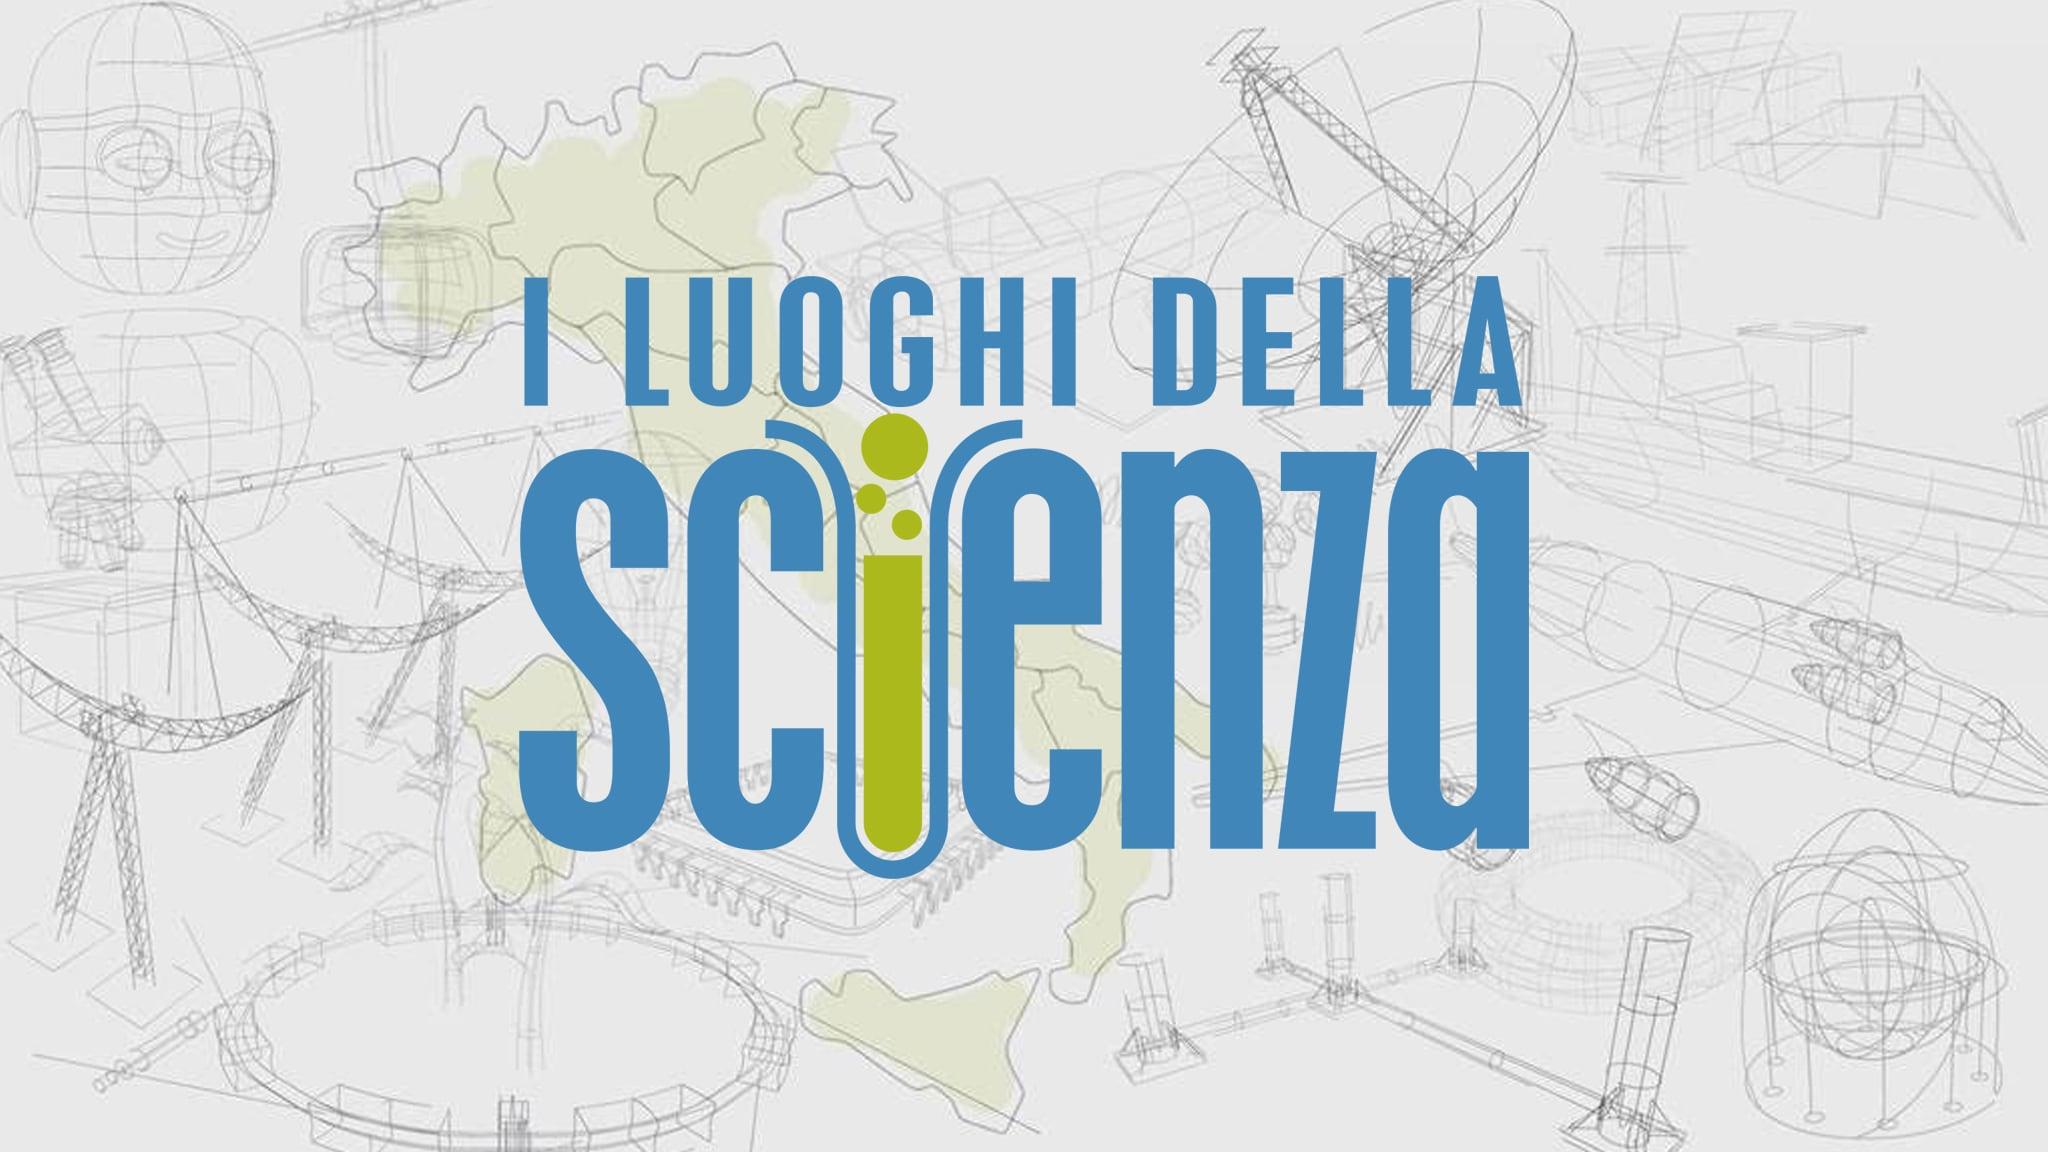 Rai Scuola Memex I luoghi della scienza - Puntata 11: Cagliari Replica